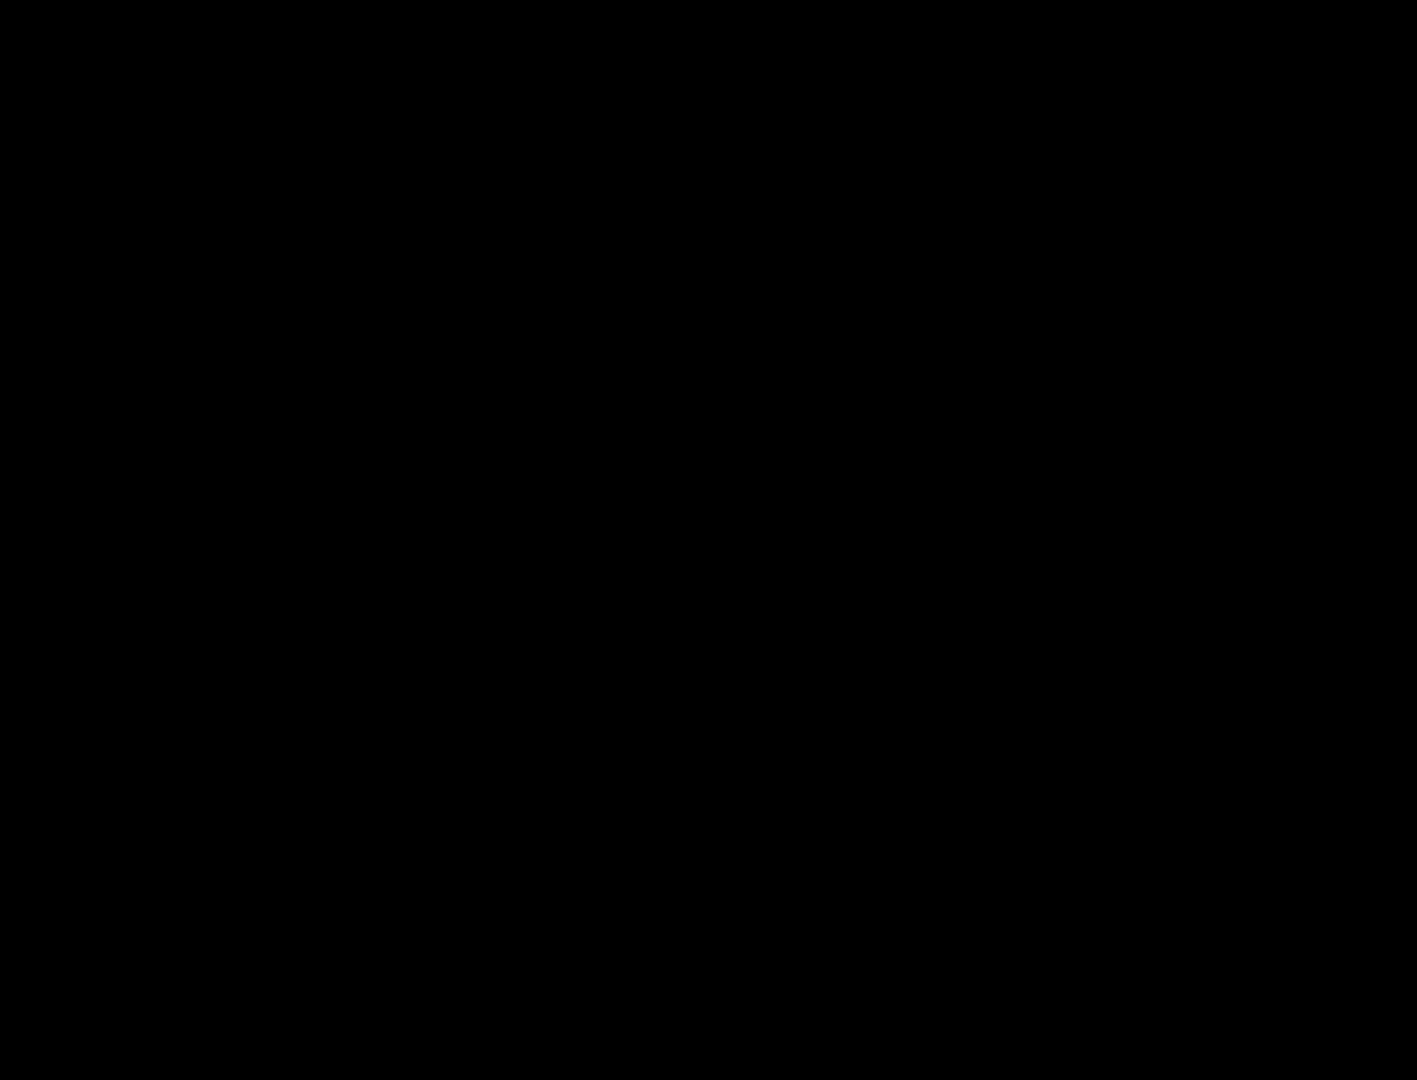 APC LOGO v4.1